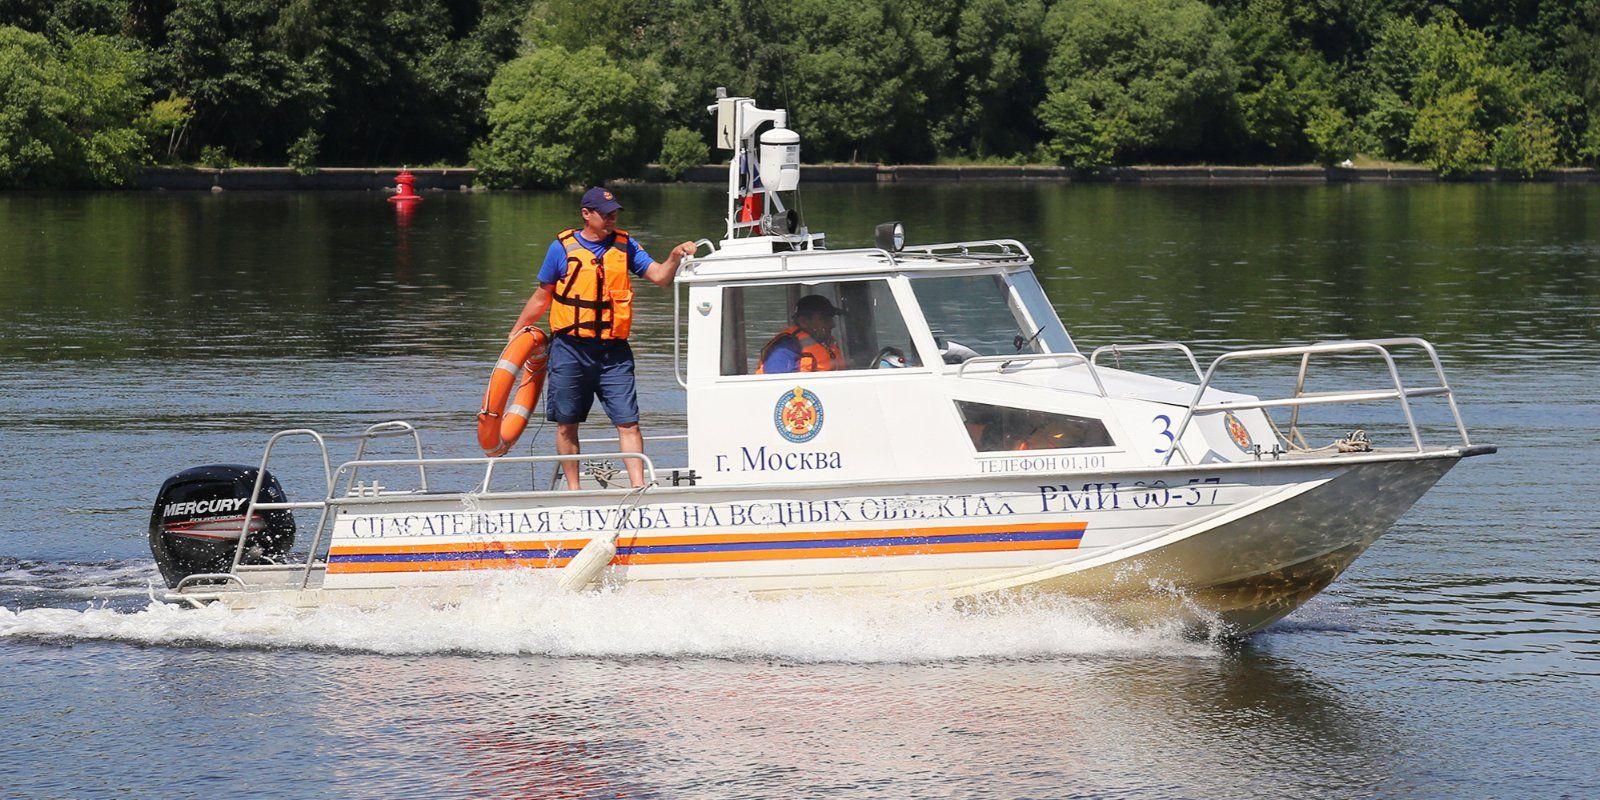 Московские спасатели стоят на страже безопасности москвичей и гостей столицы